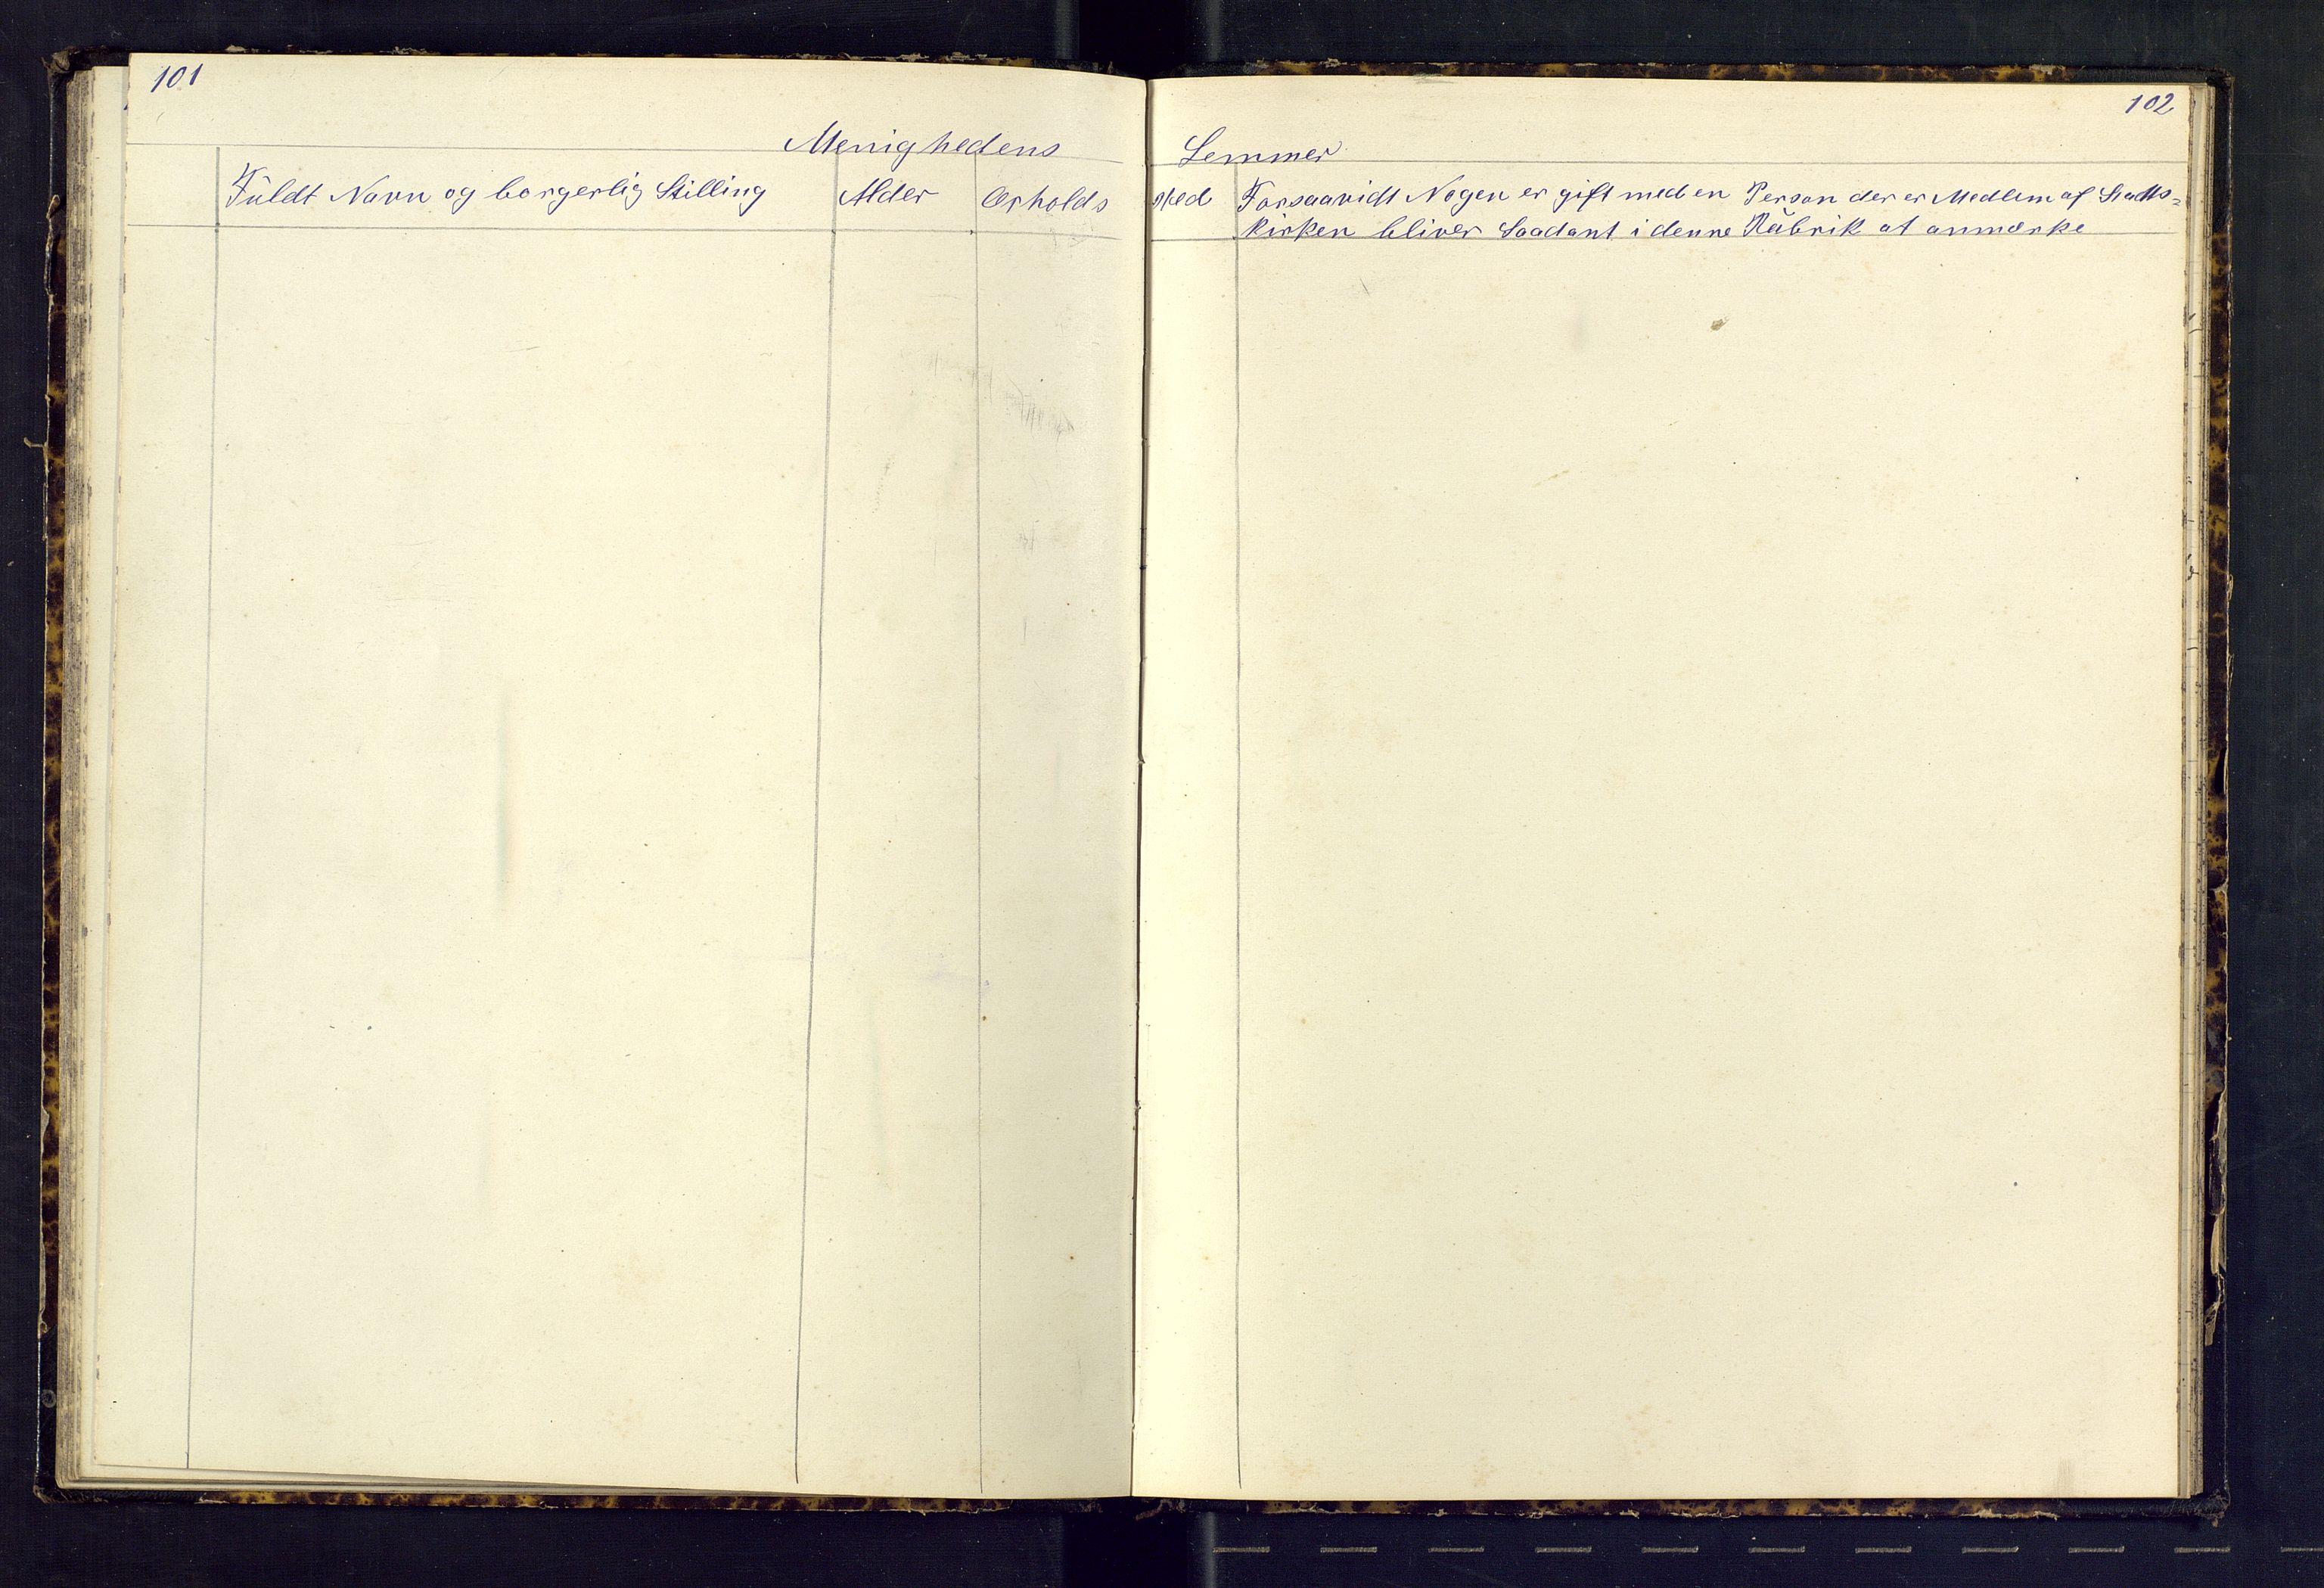 SAST, Den evangeliske lutherske frimenighet (SAS), Dissenterprotokoll nr. 1, 1881-1912, s. 101-102